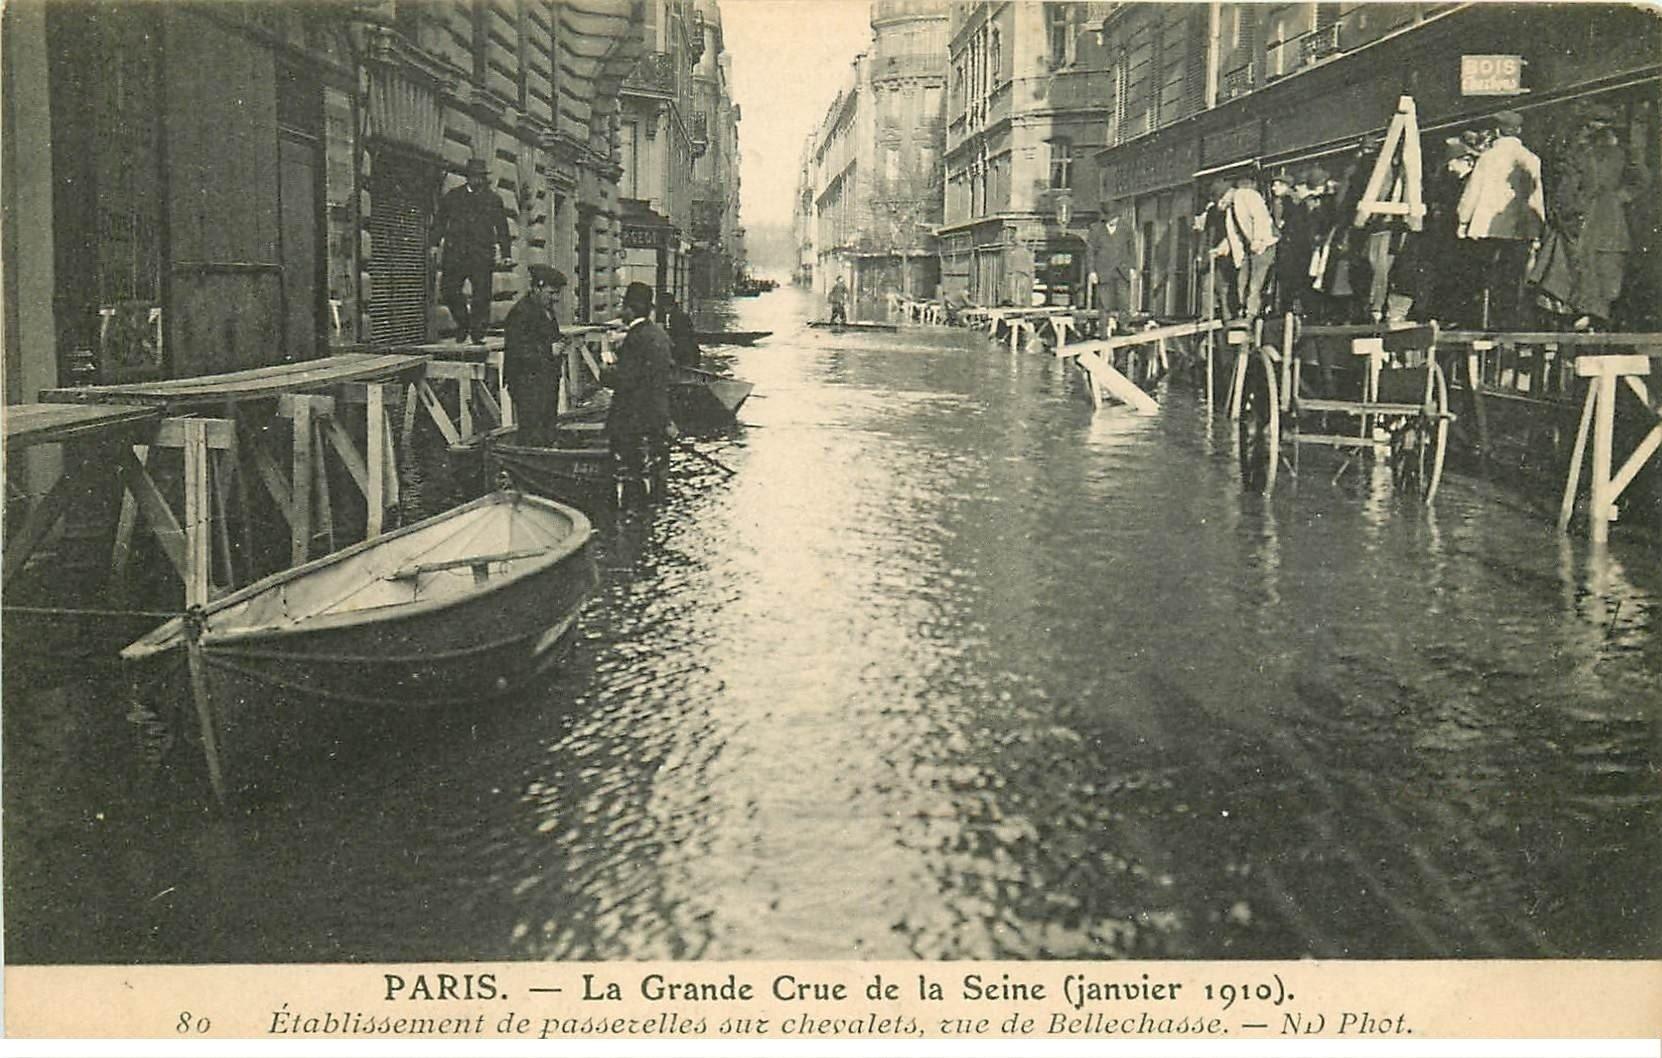 carte postale ancienne INONDATION ET CRUE DE PARIS 1910. Rue Bellechasse passerelles sur chevalets